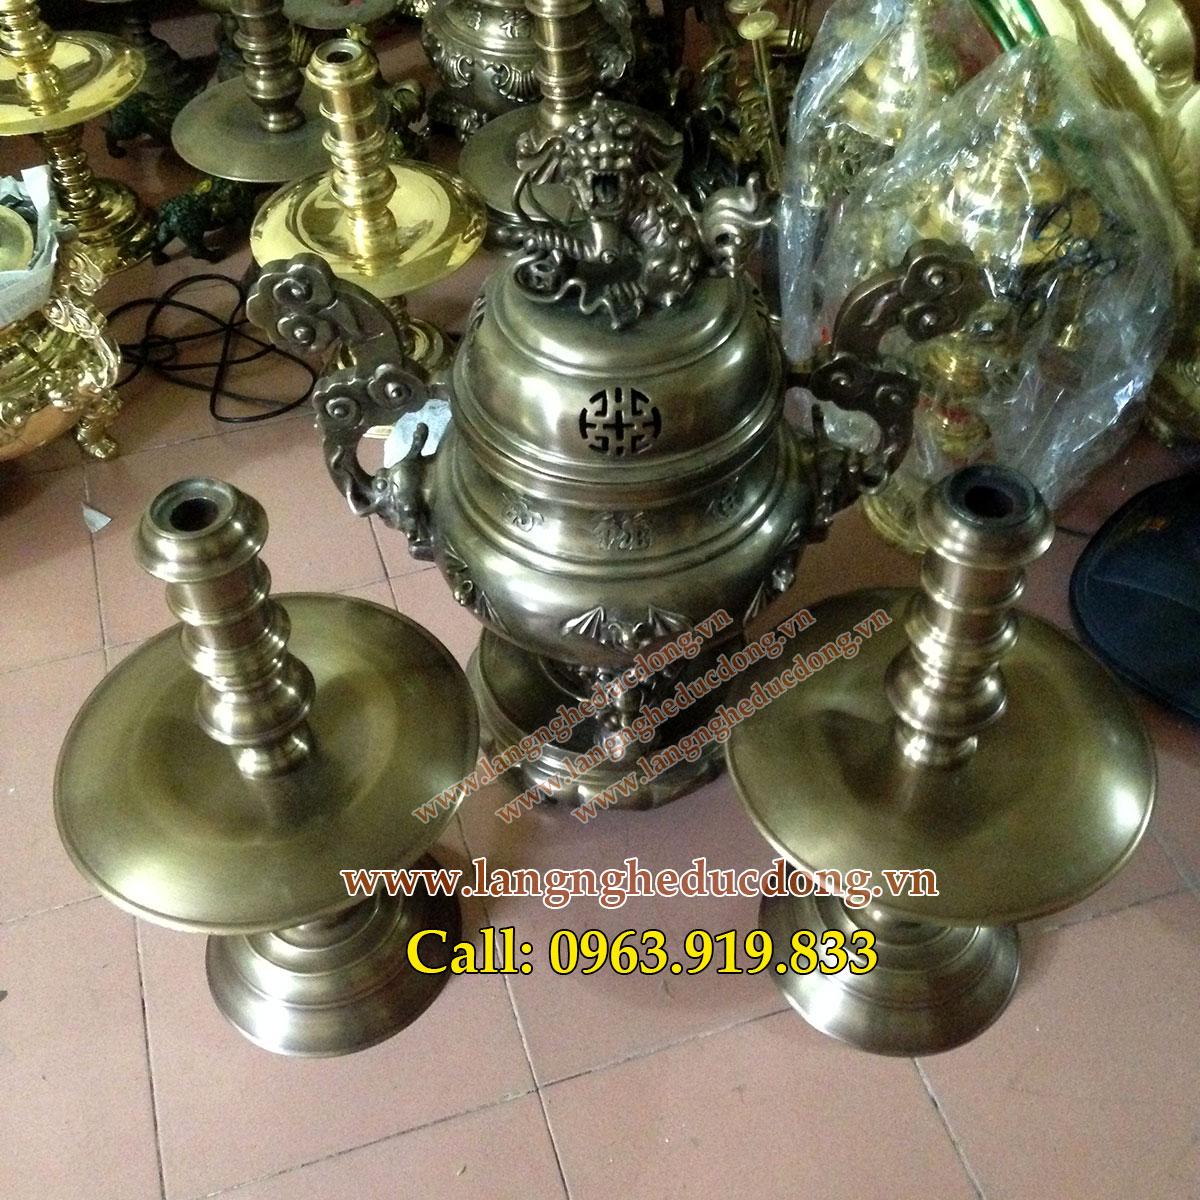 langngheducdong.vn - đỉnh đồng thờ cúng dơi phúc tam sự cao 68cm